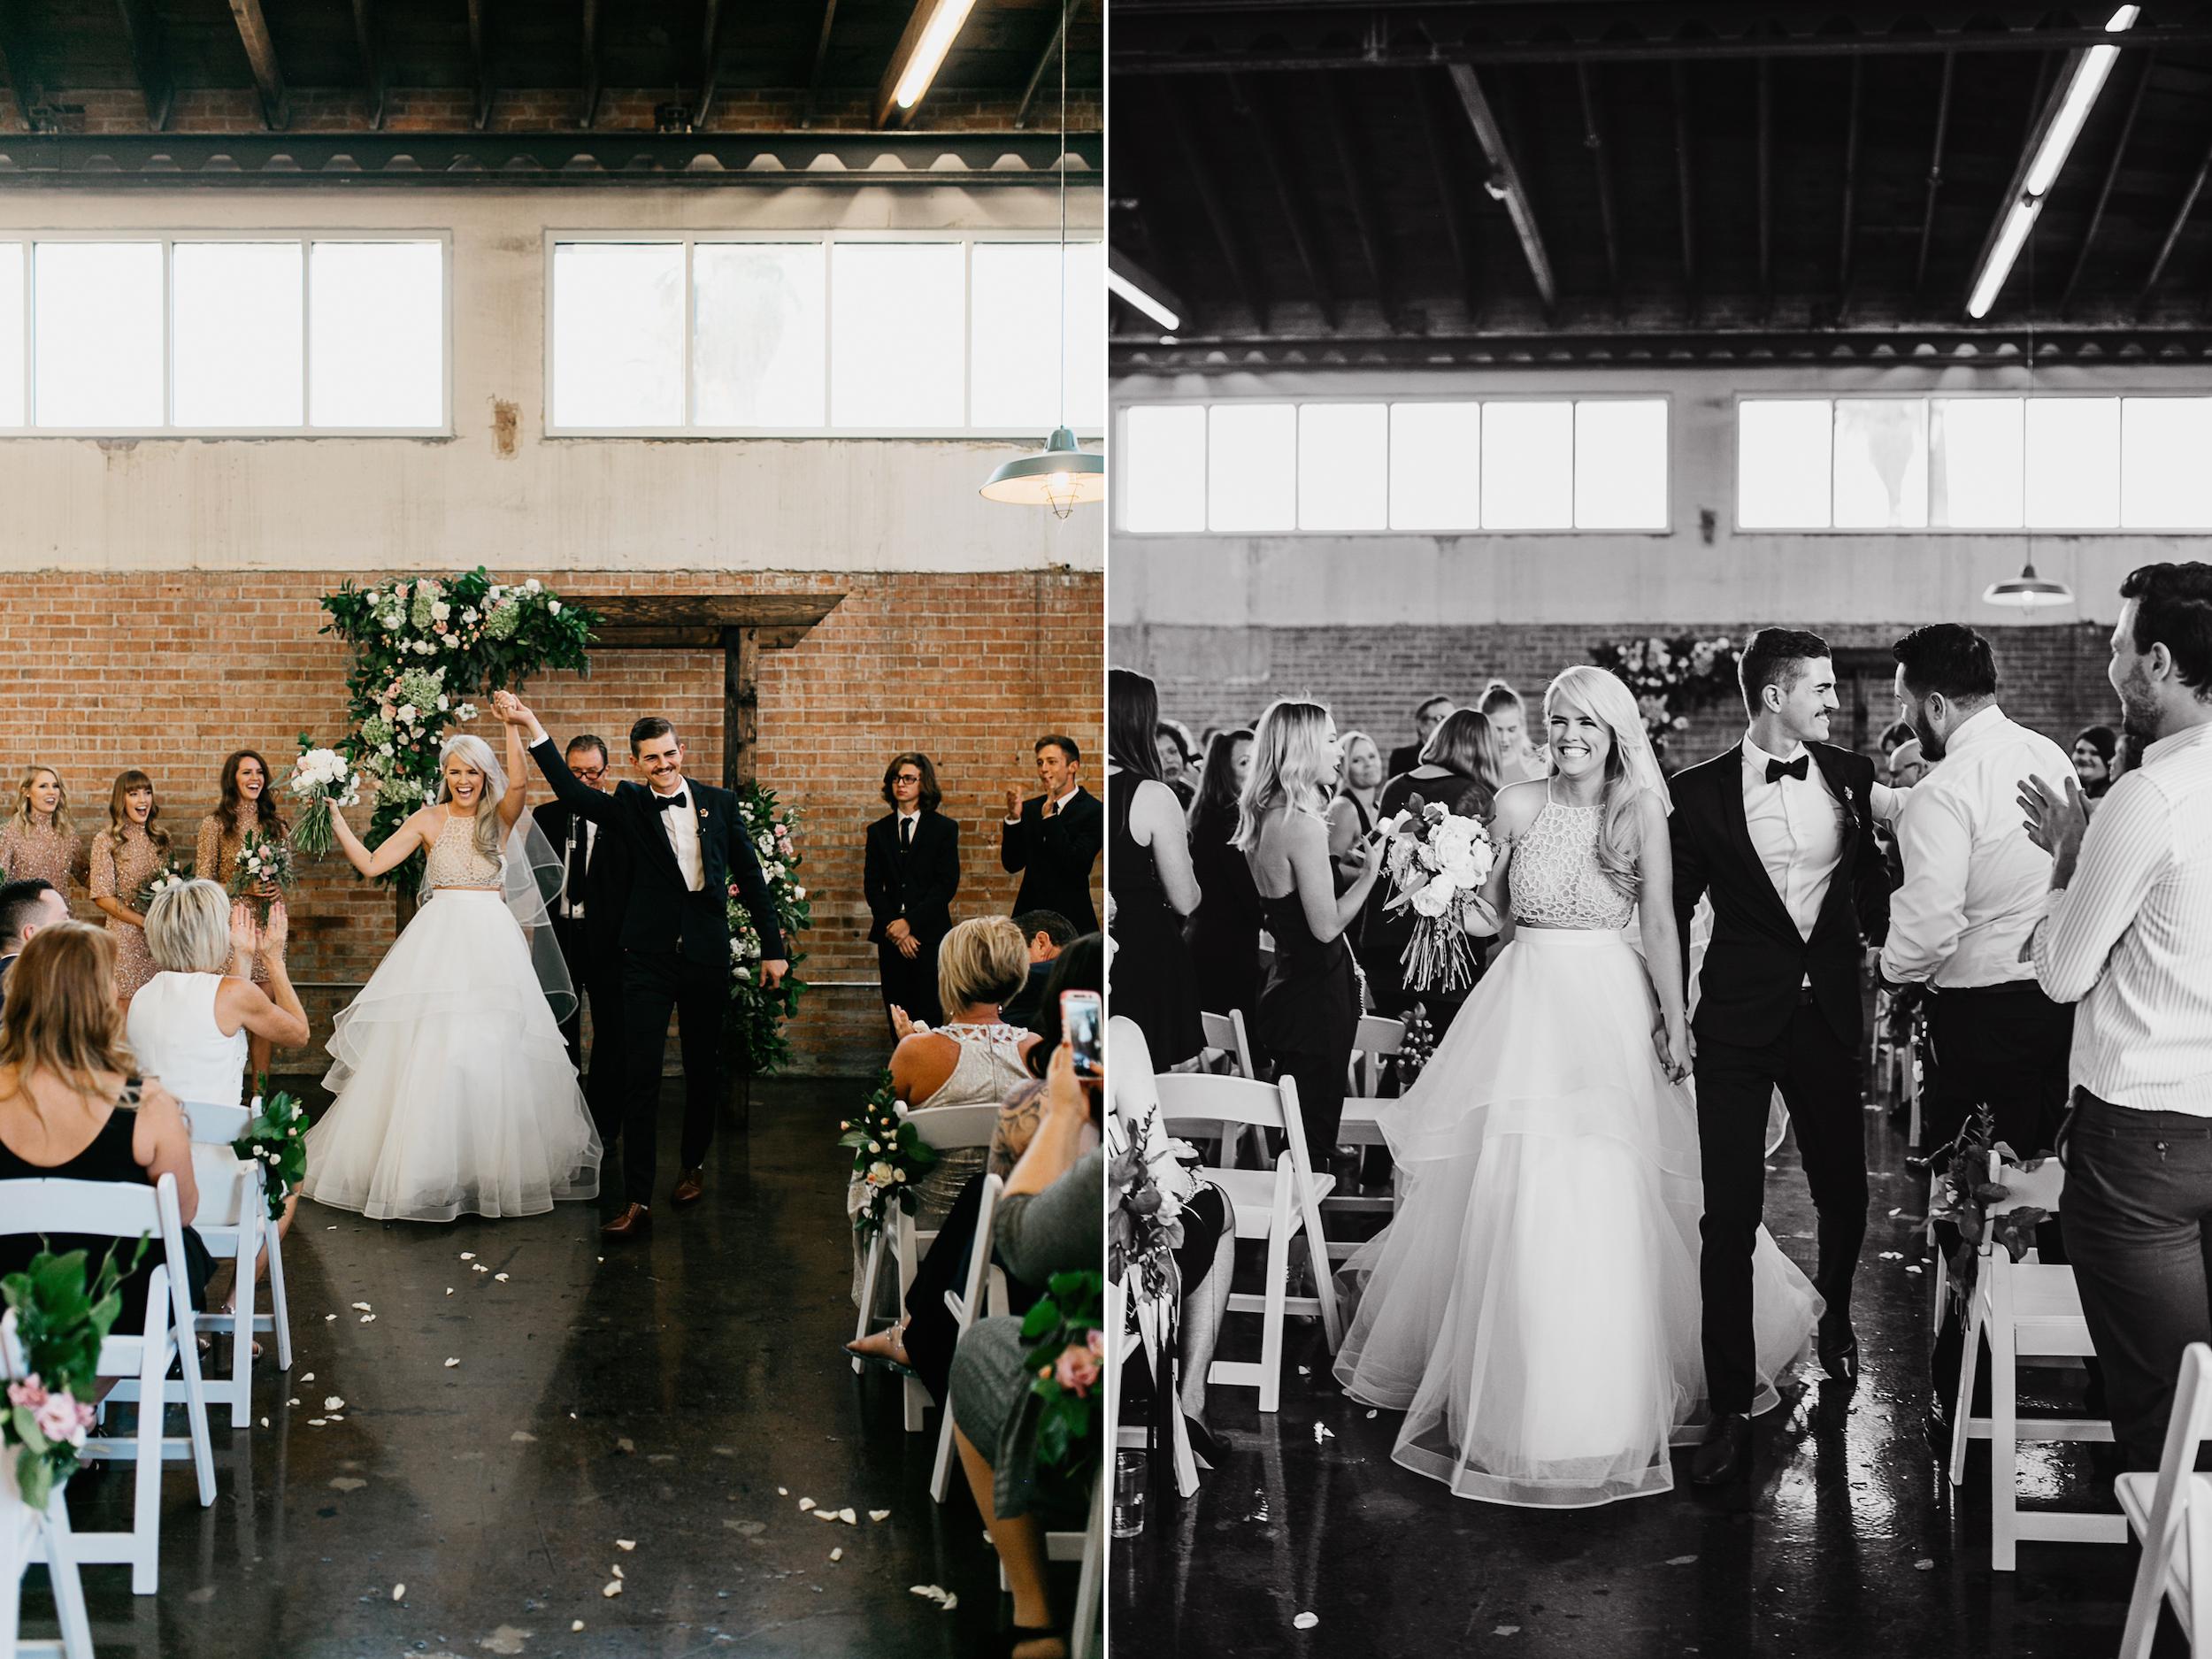 arizona - wedding - photography 00015.jpg